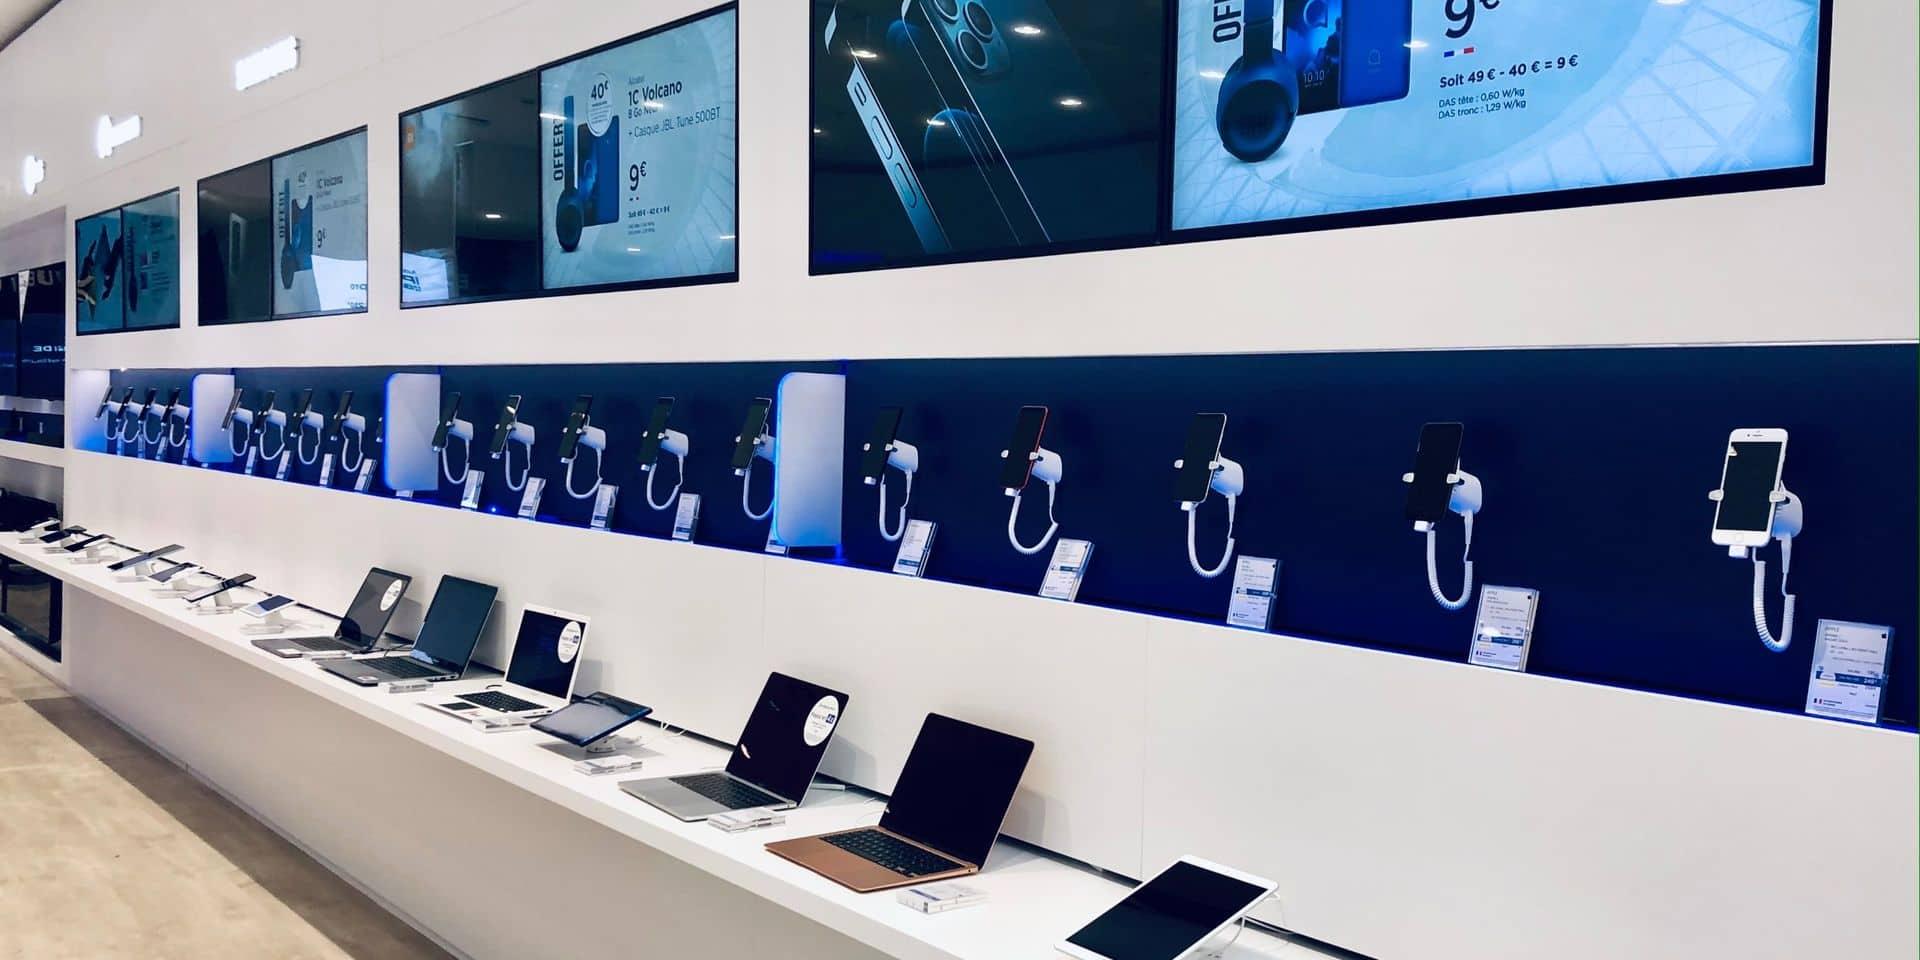 Le deuxième Hubside Store de Belgique ouvre ses portes à Tournai